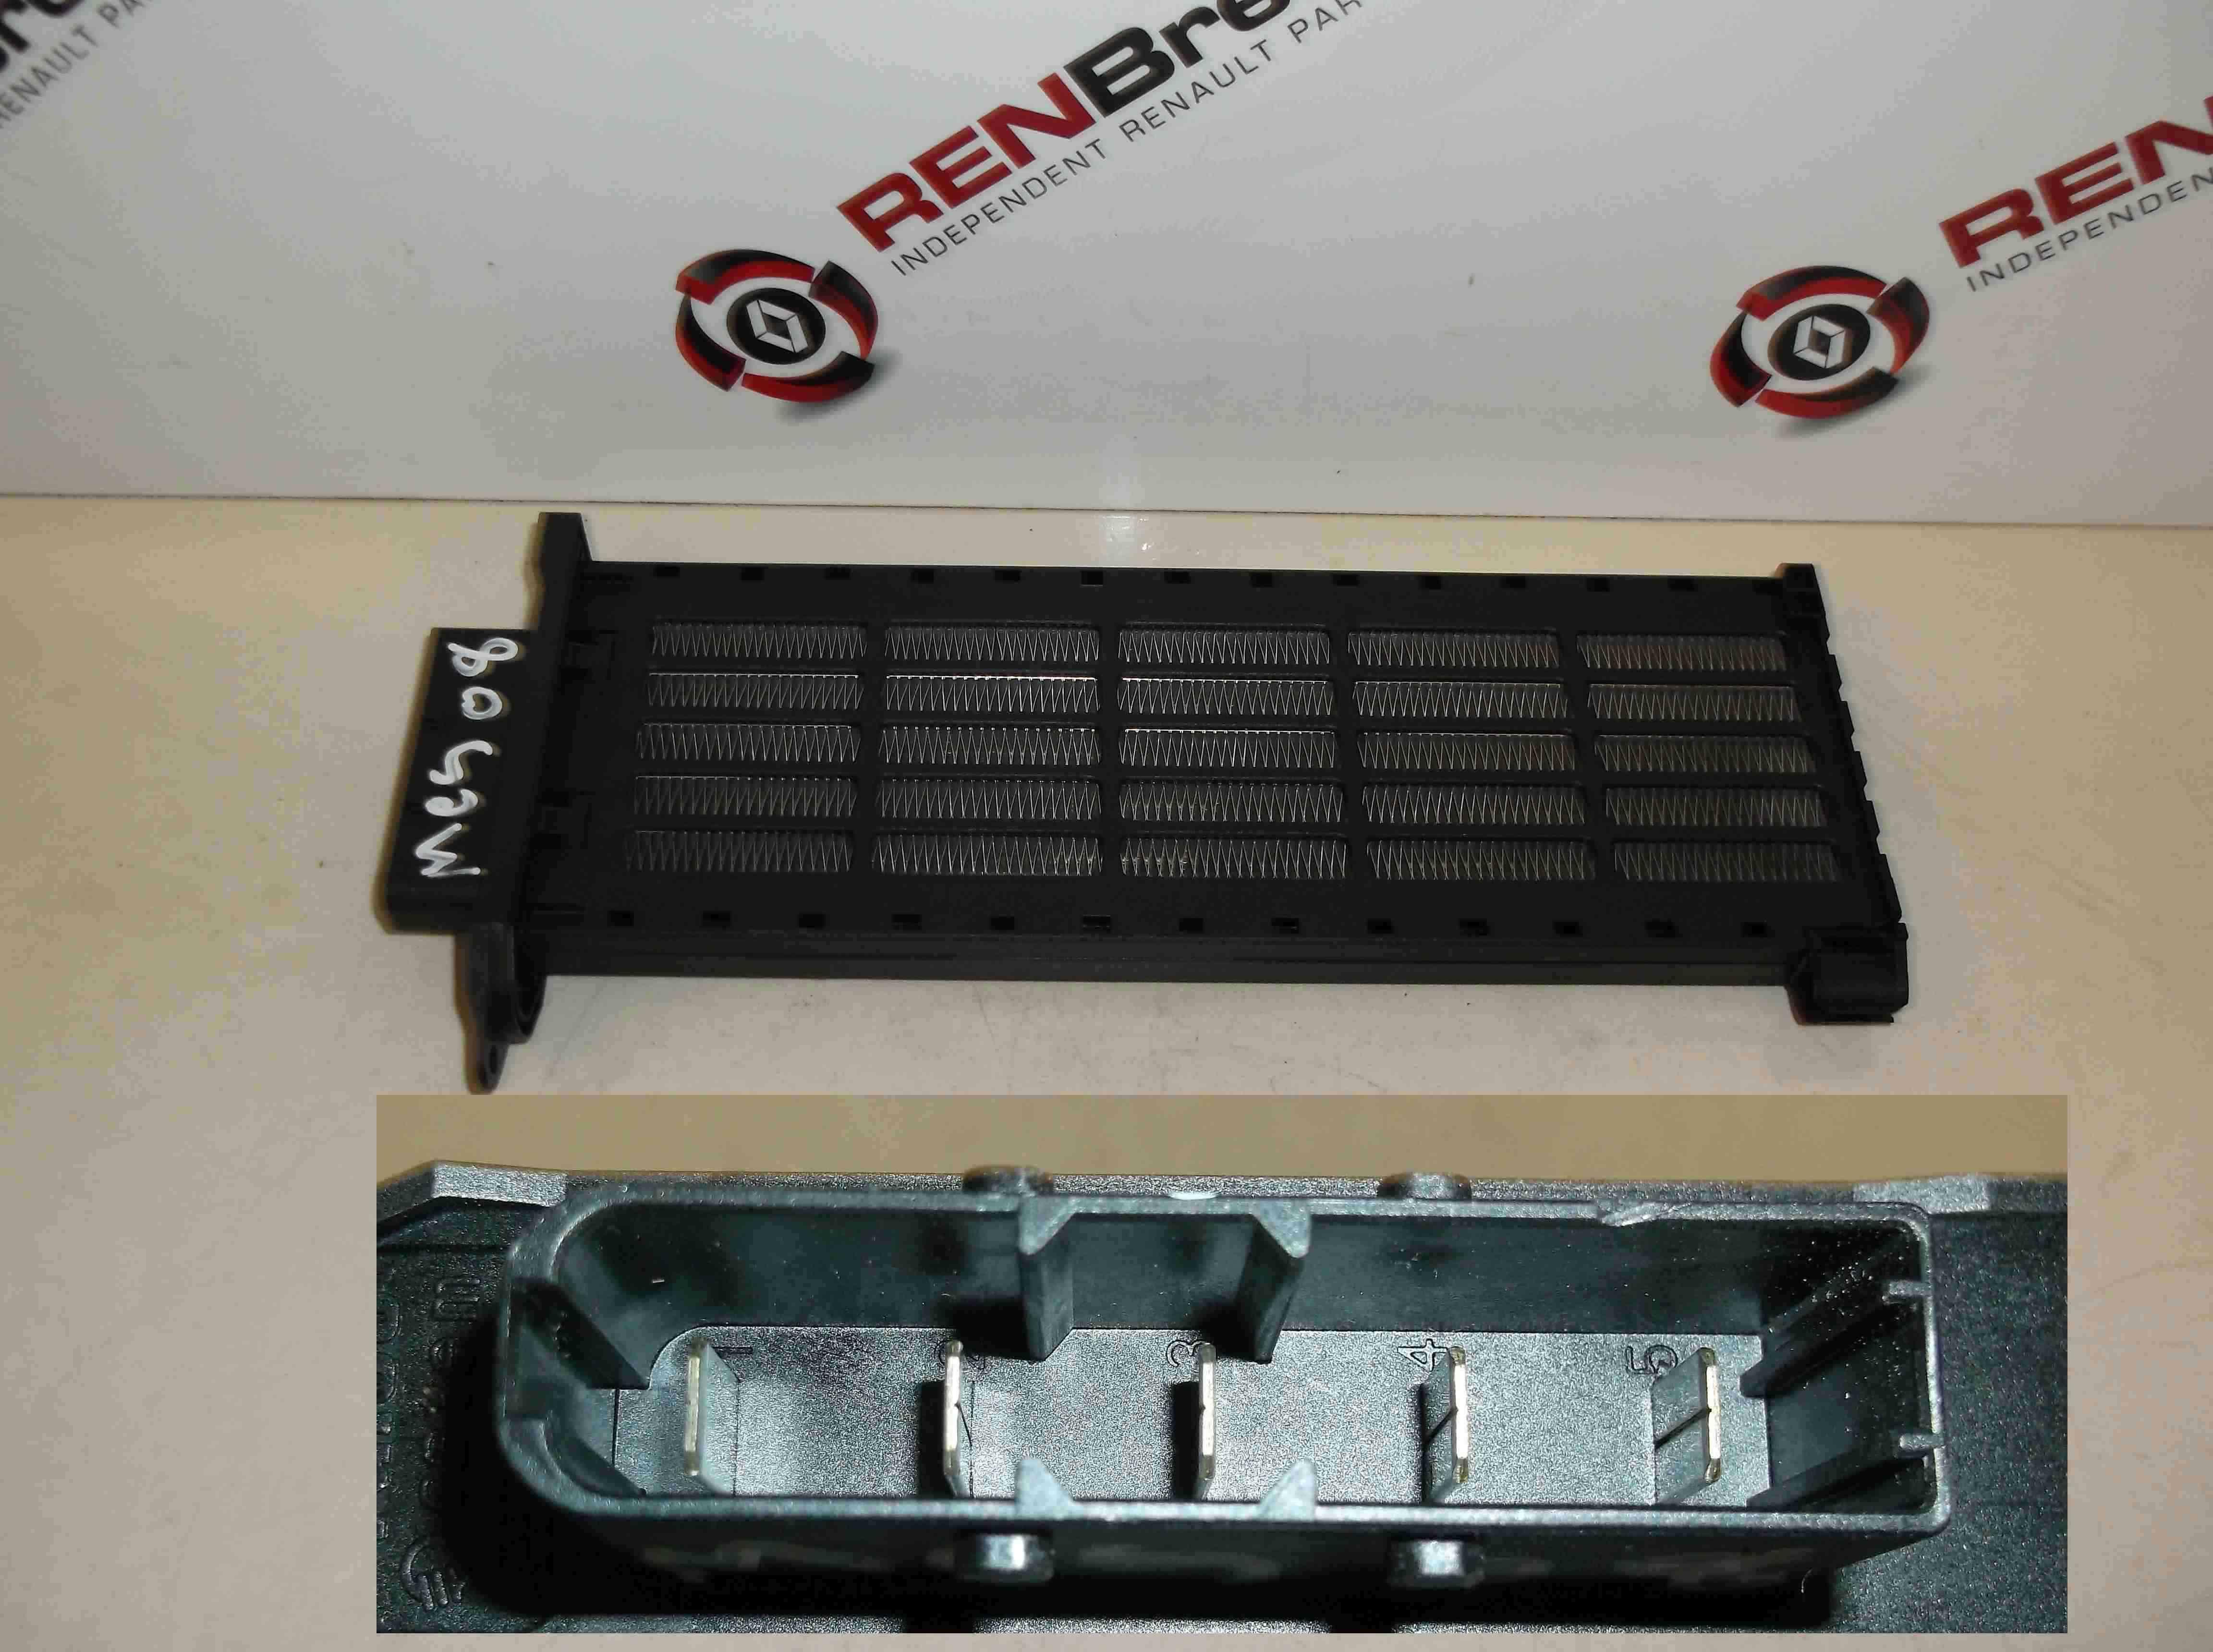 renault megane sport 2002 2008 175 2 0 dci heater resistor ebay. Black Bedroom Furniture Sets. Home Design Ideas